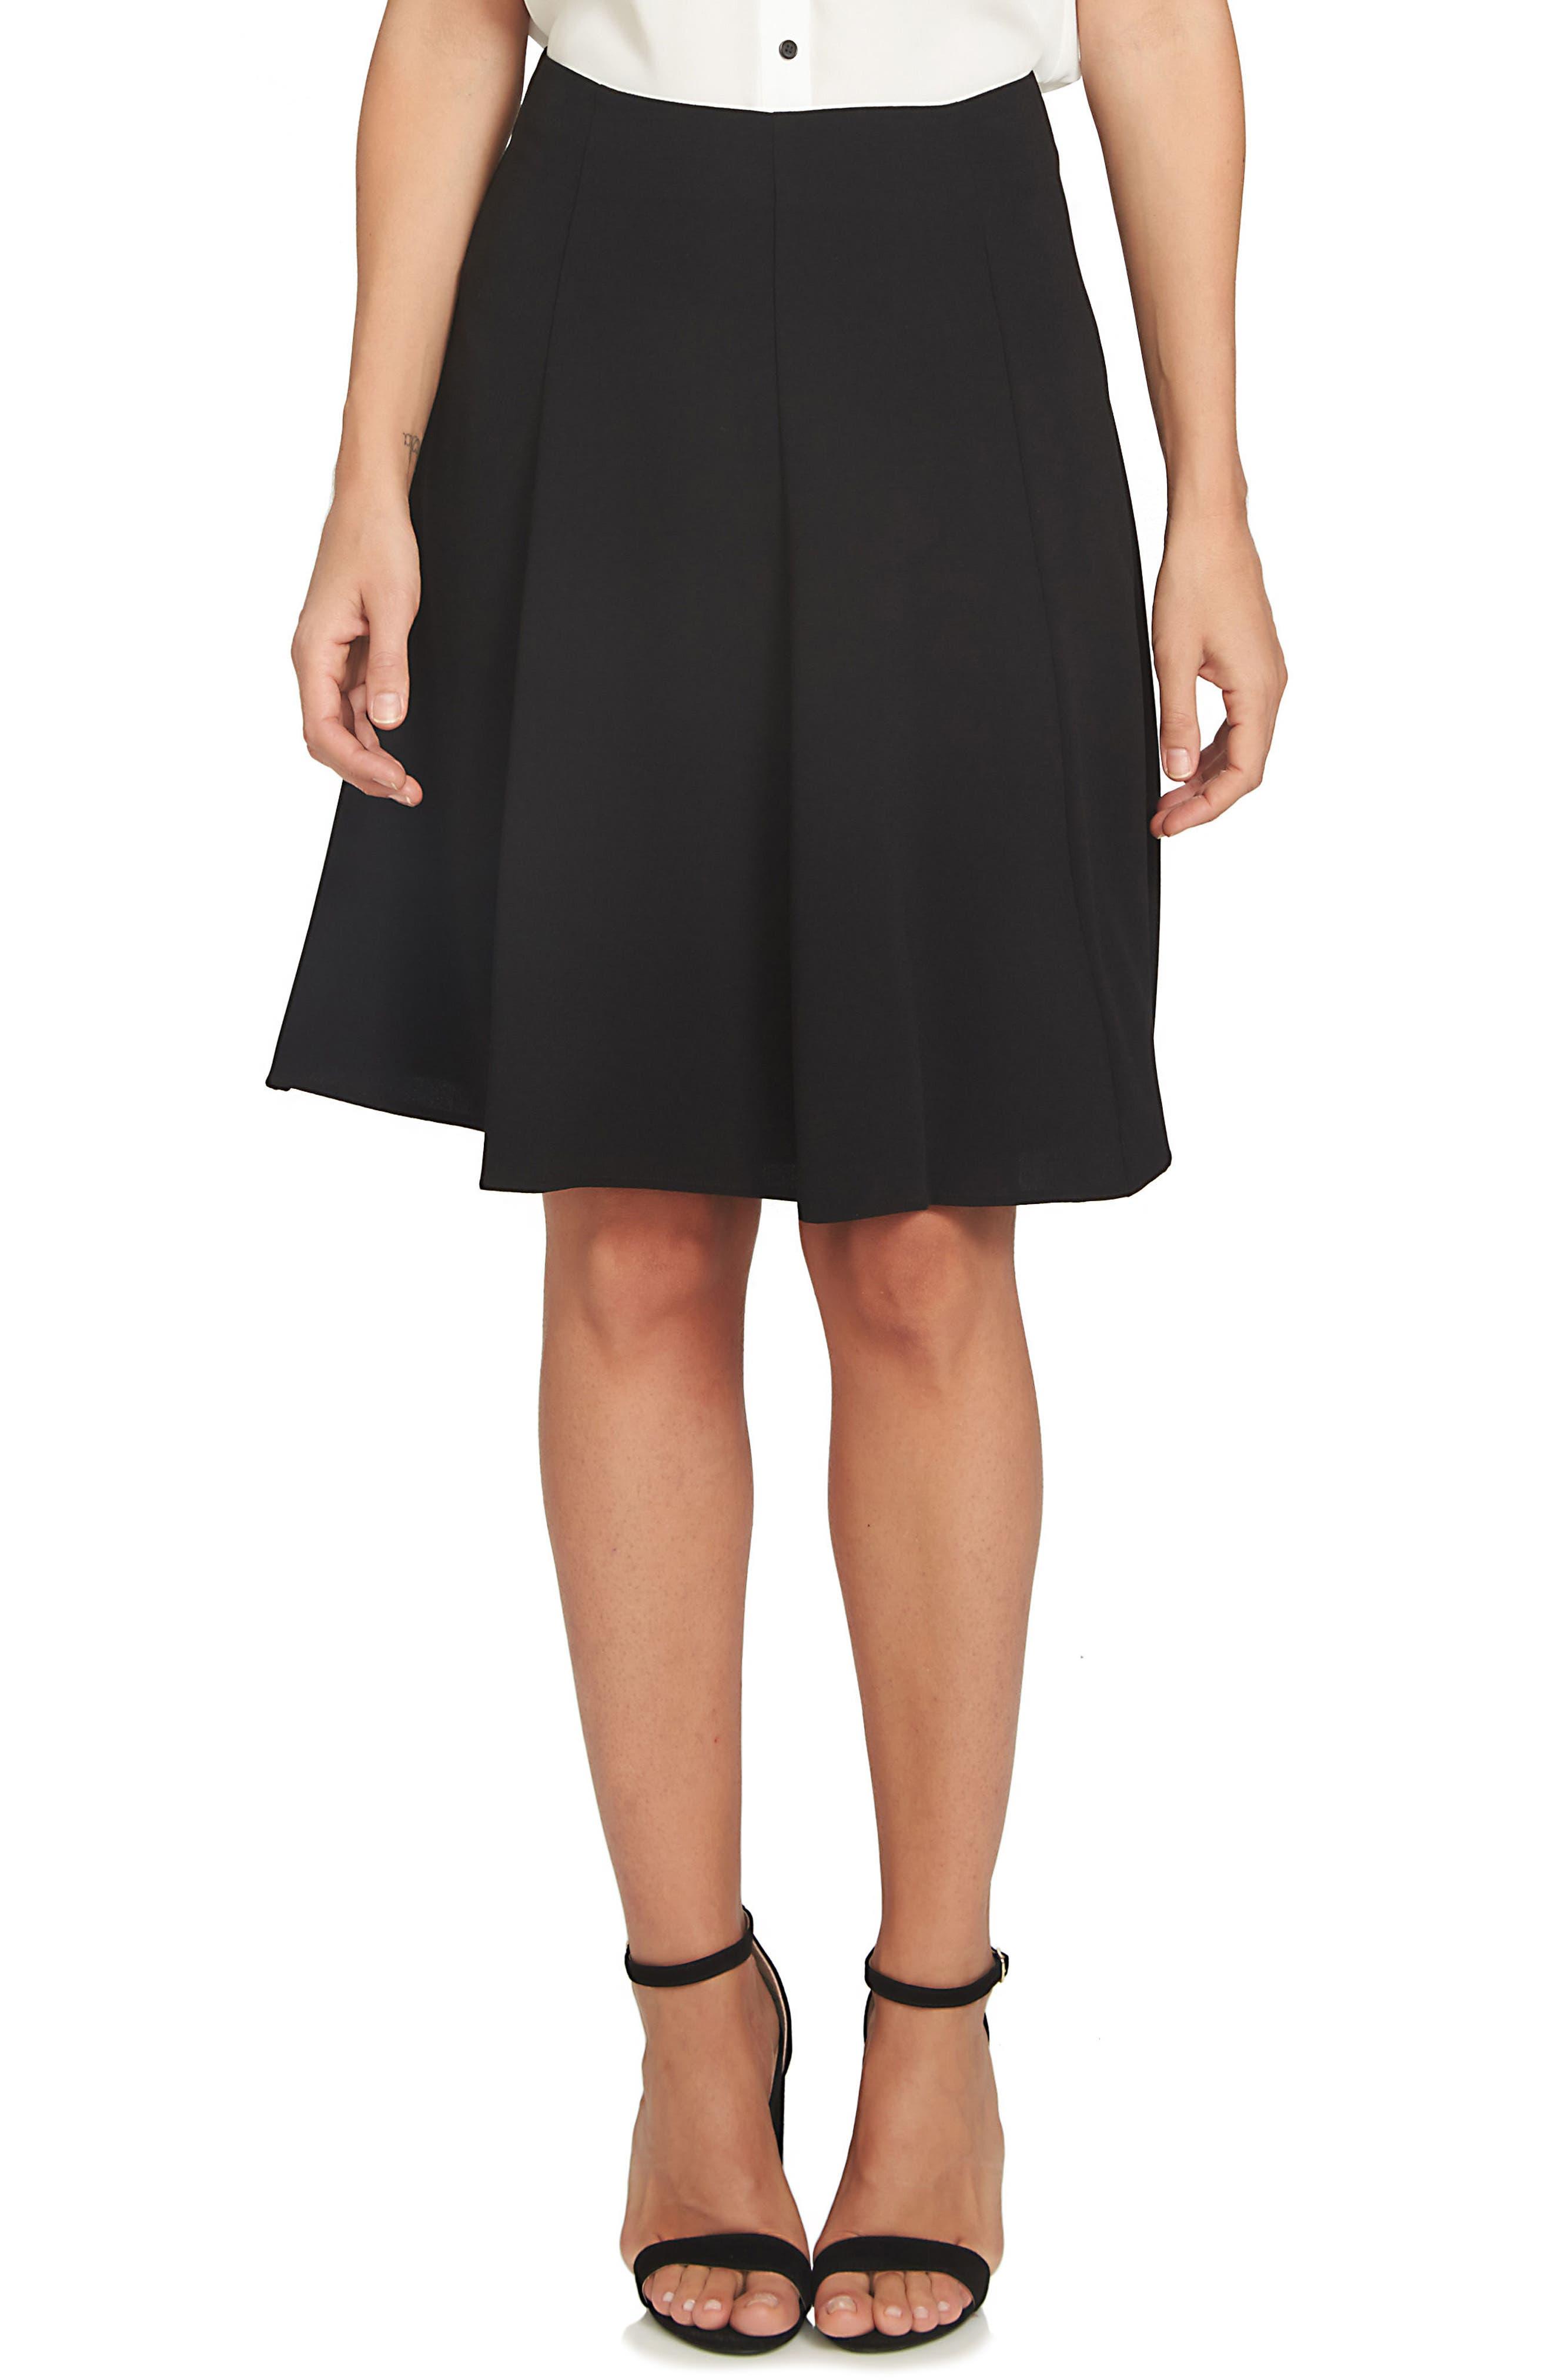 CECE Crepe A-Line Skirt, Main, color, BLACK